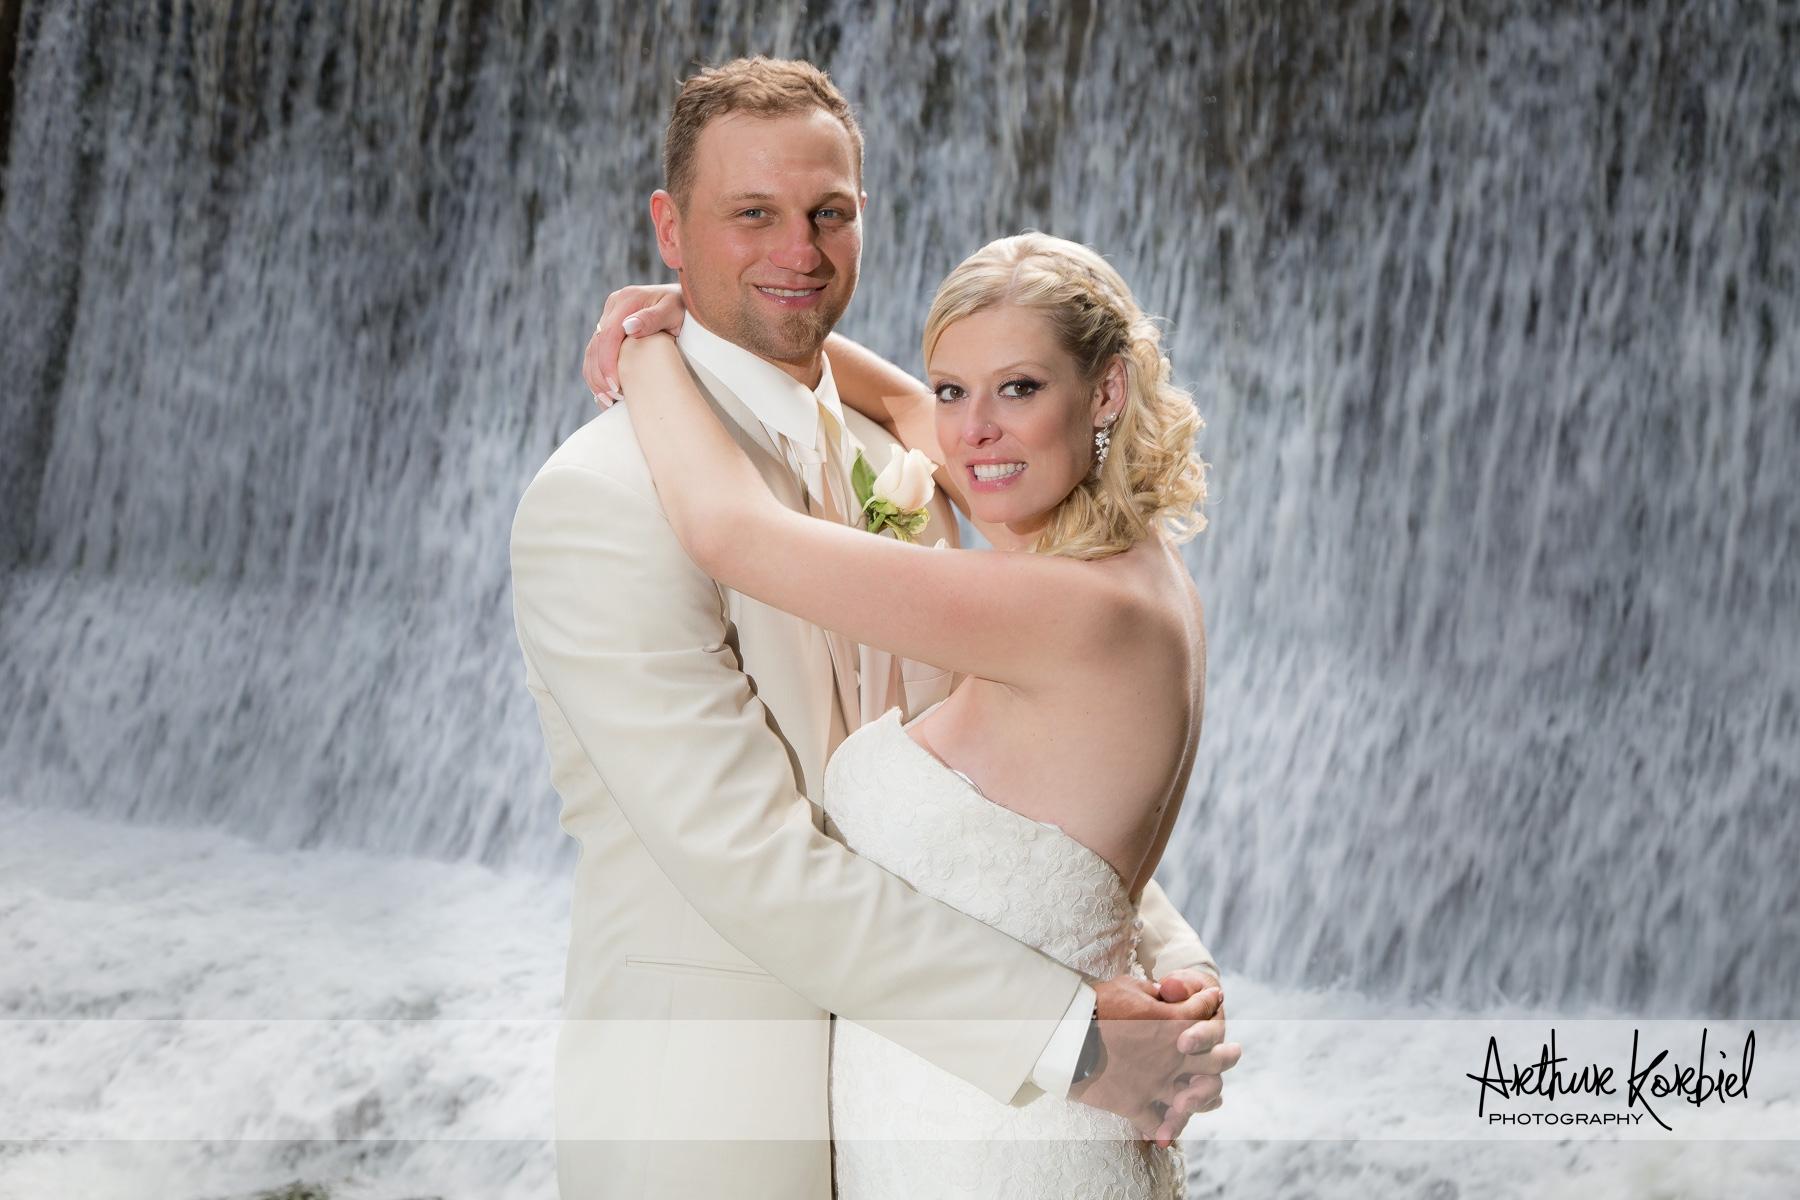 Arthur Korbiel Photography - London Wedding Photographer-040.jpg